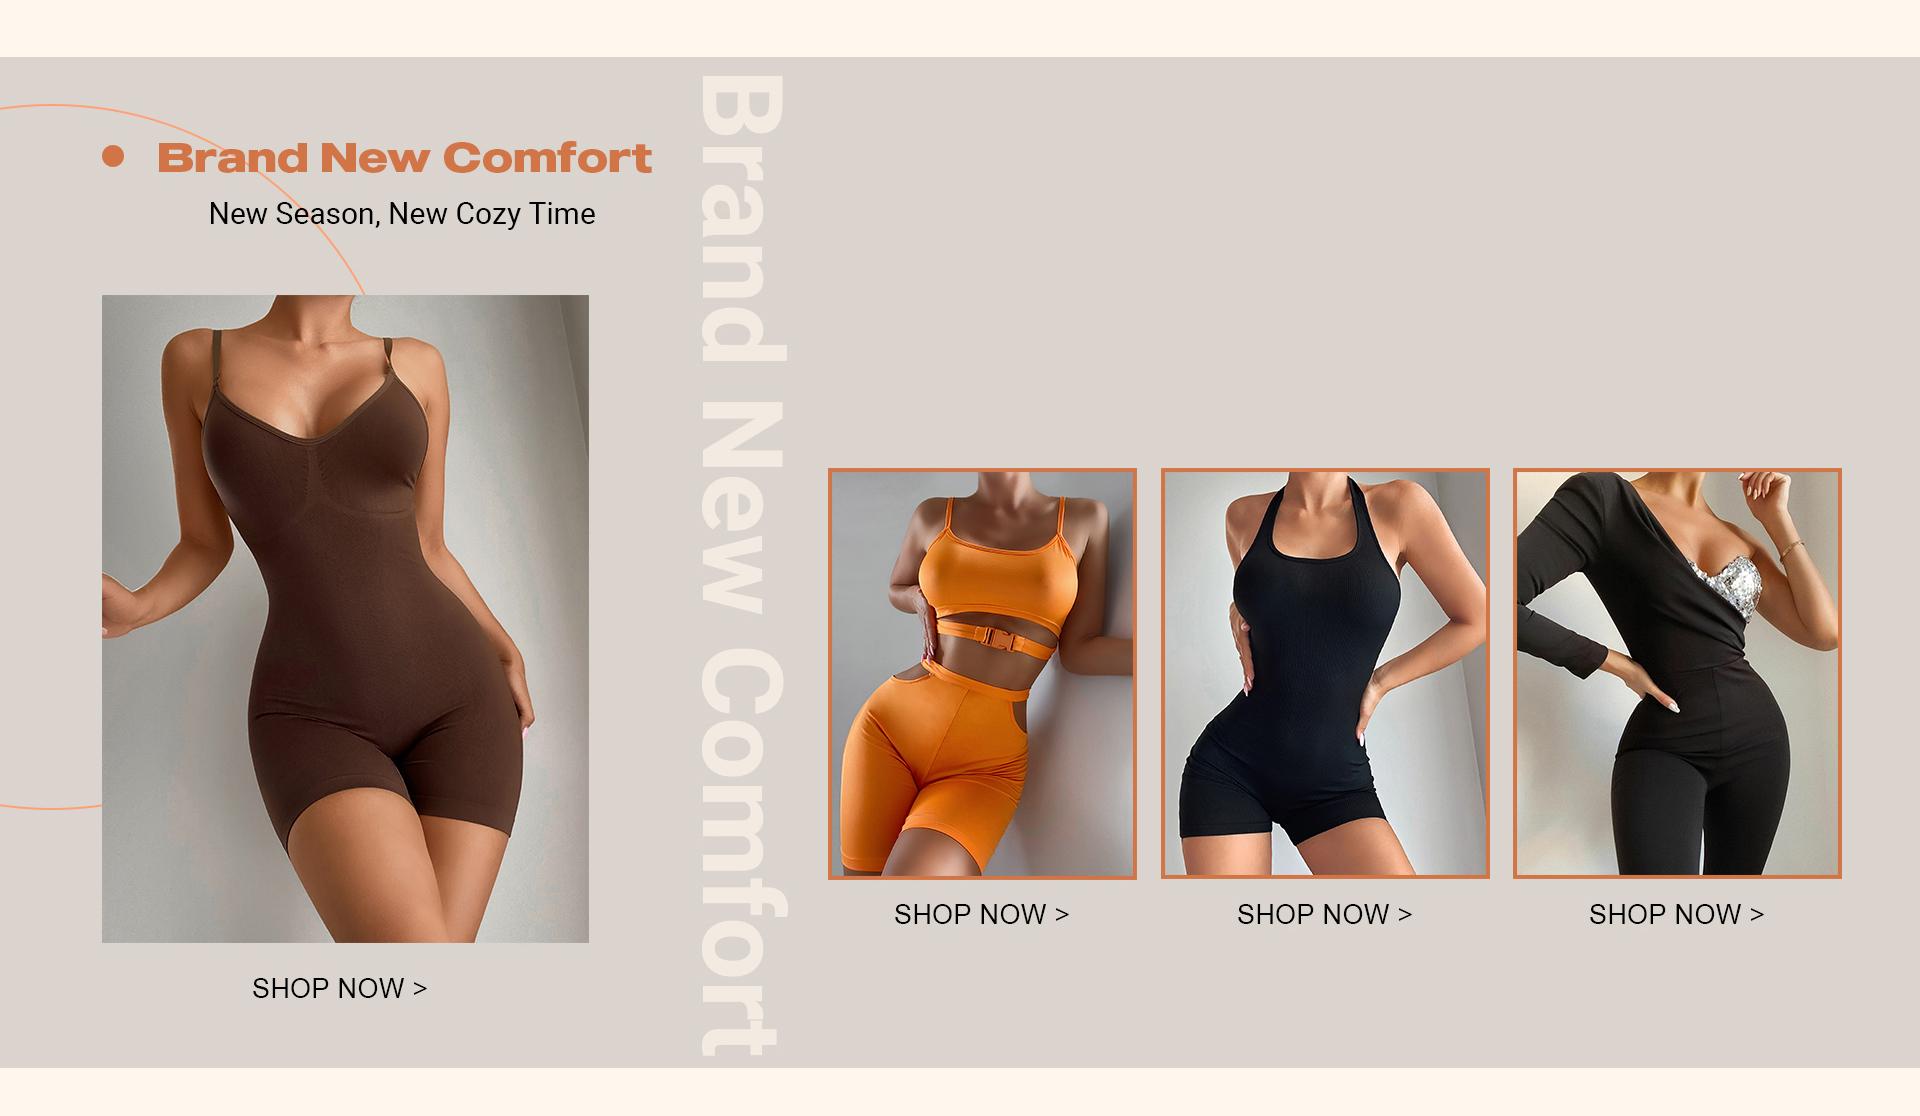 Brand new comfort